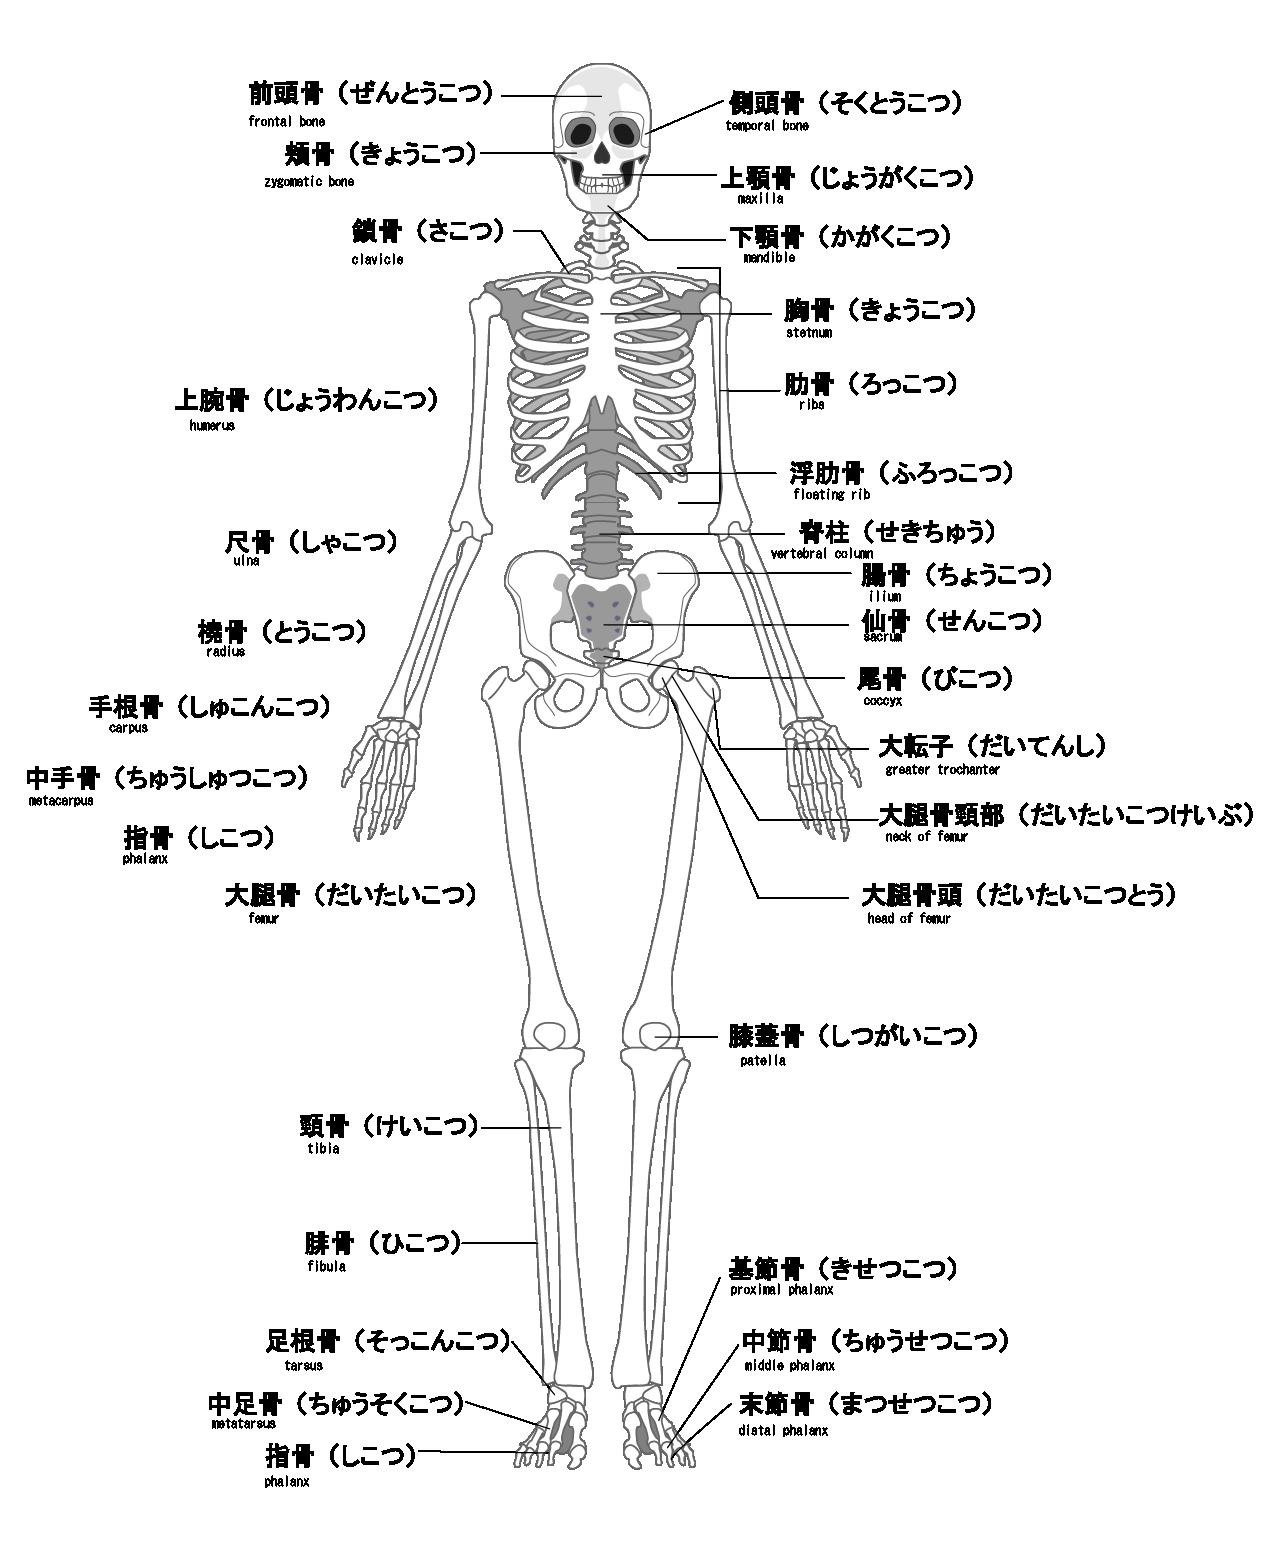 全身の骨や関節を矯正